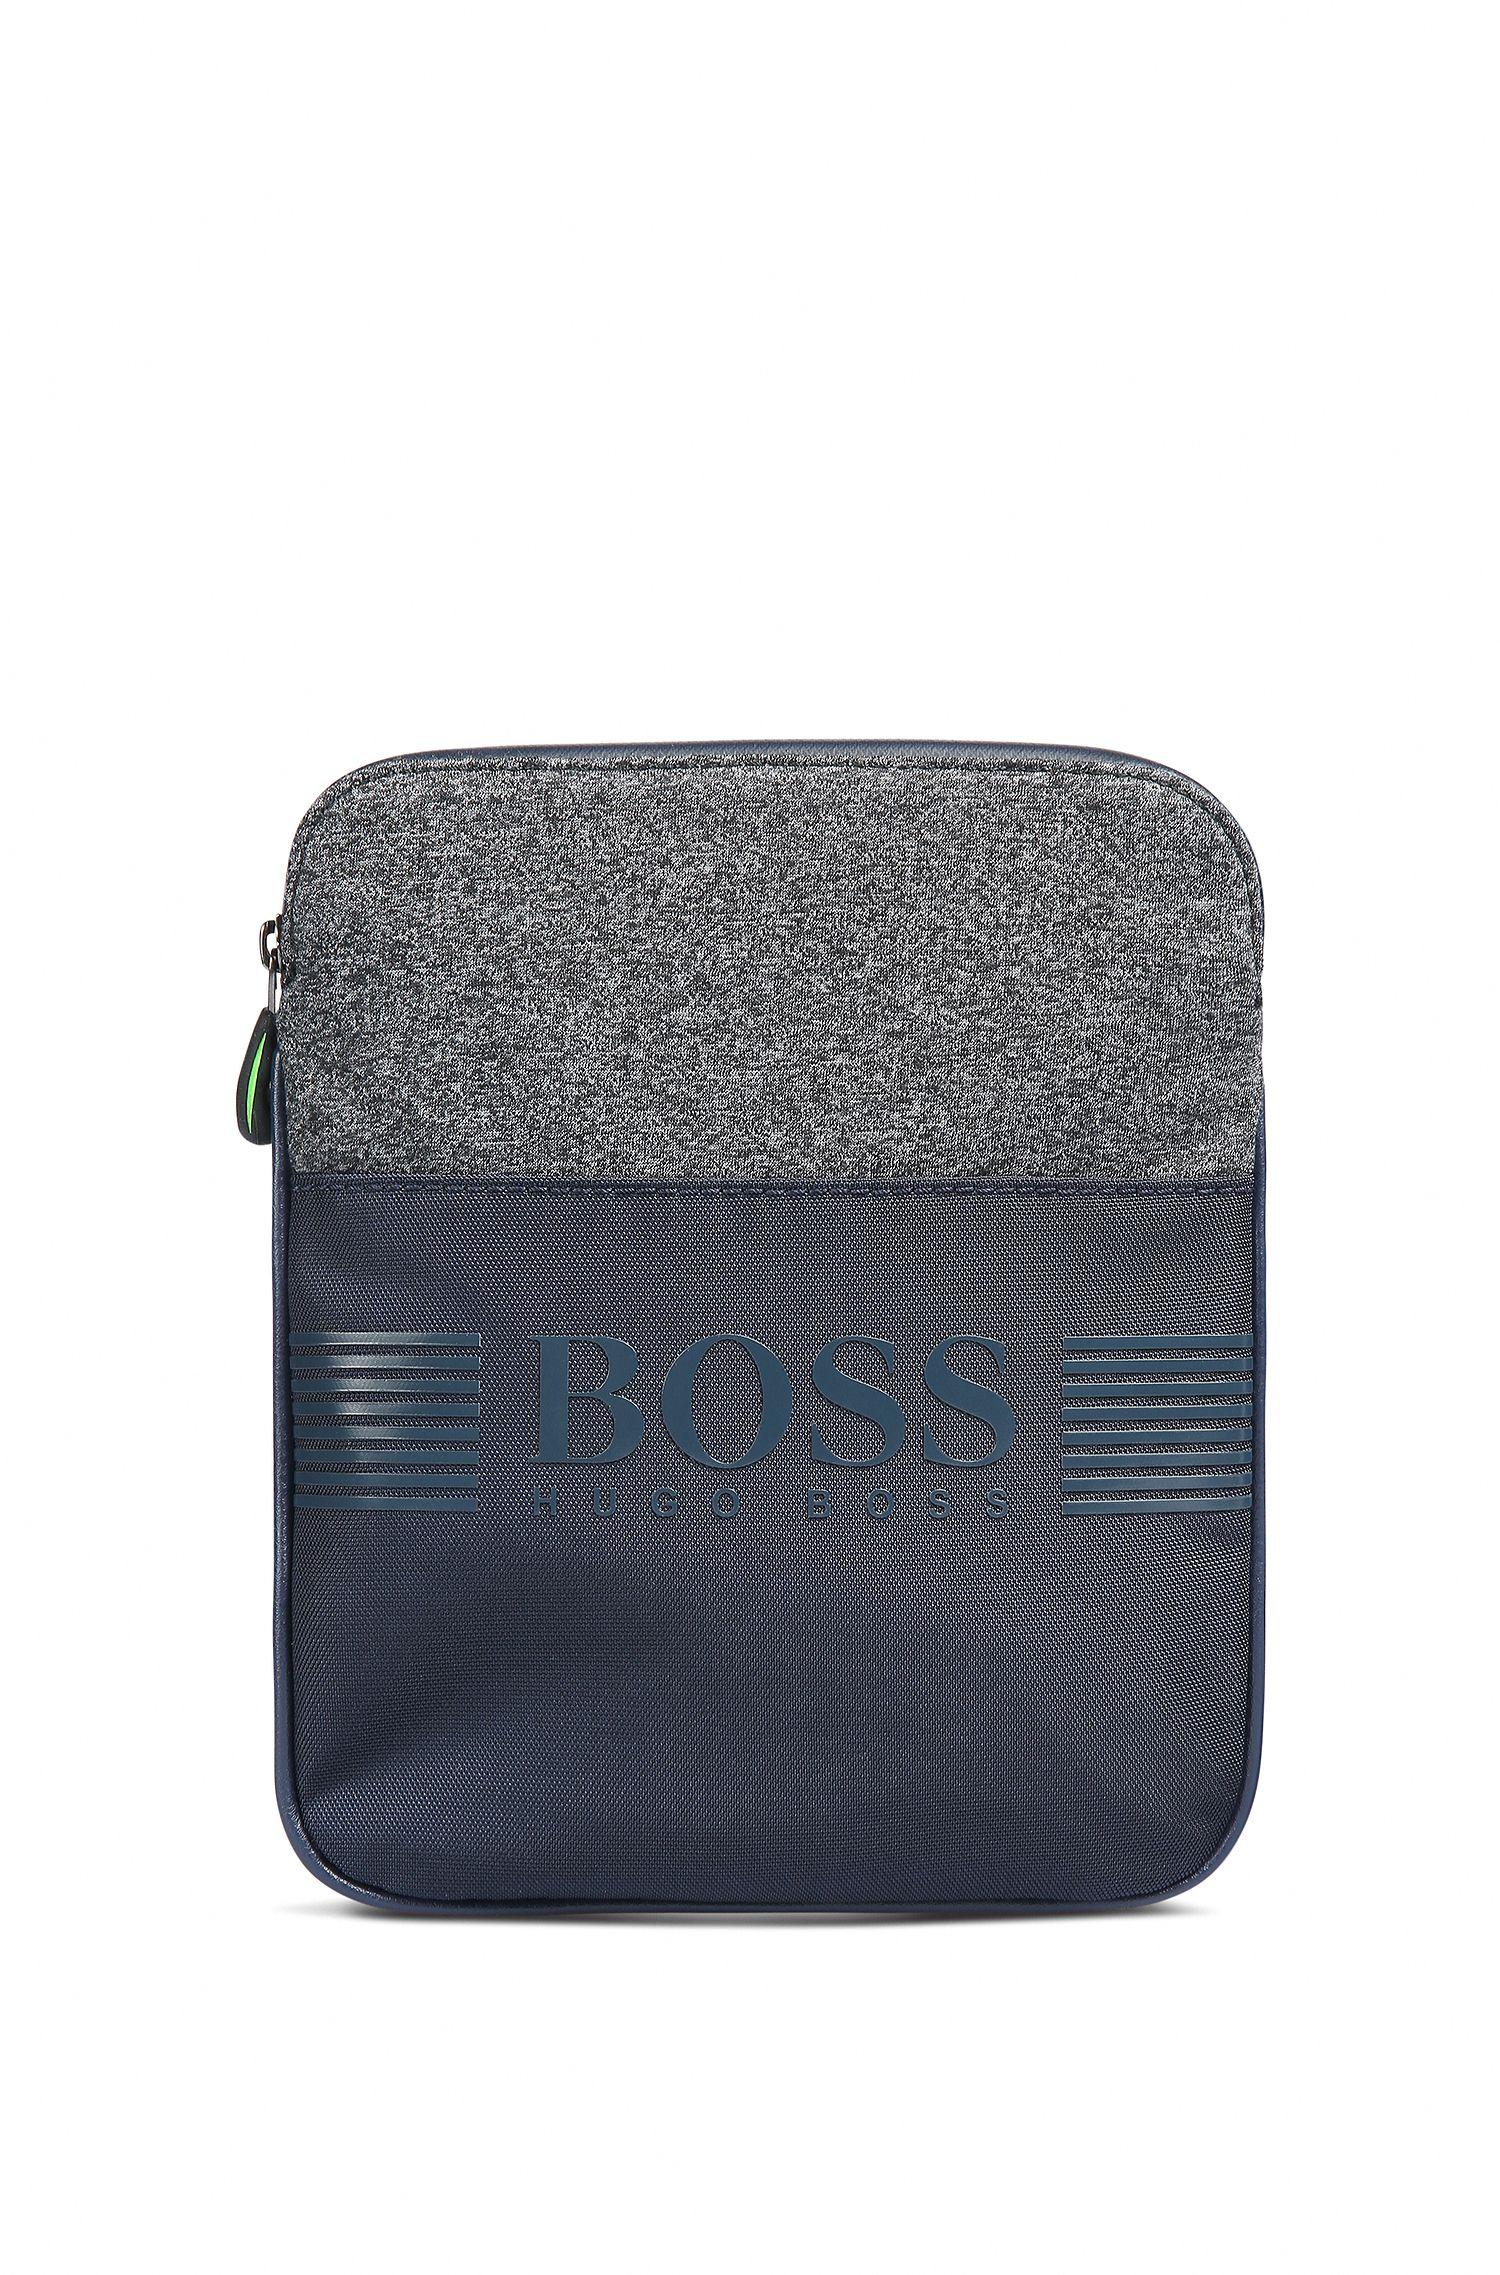 Compacte cross-body tas van jersey en technisch materiaal